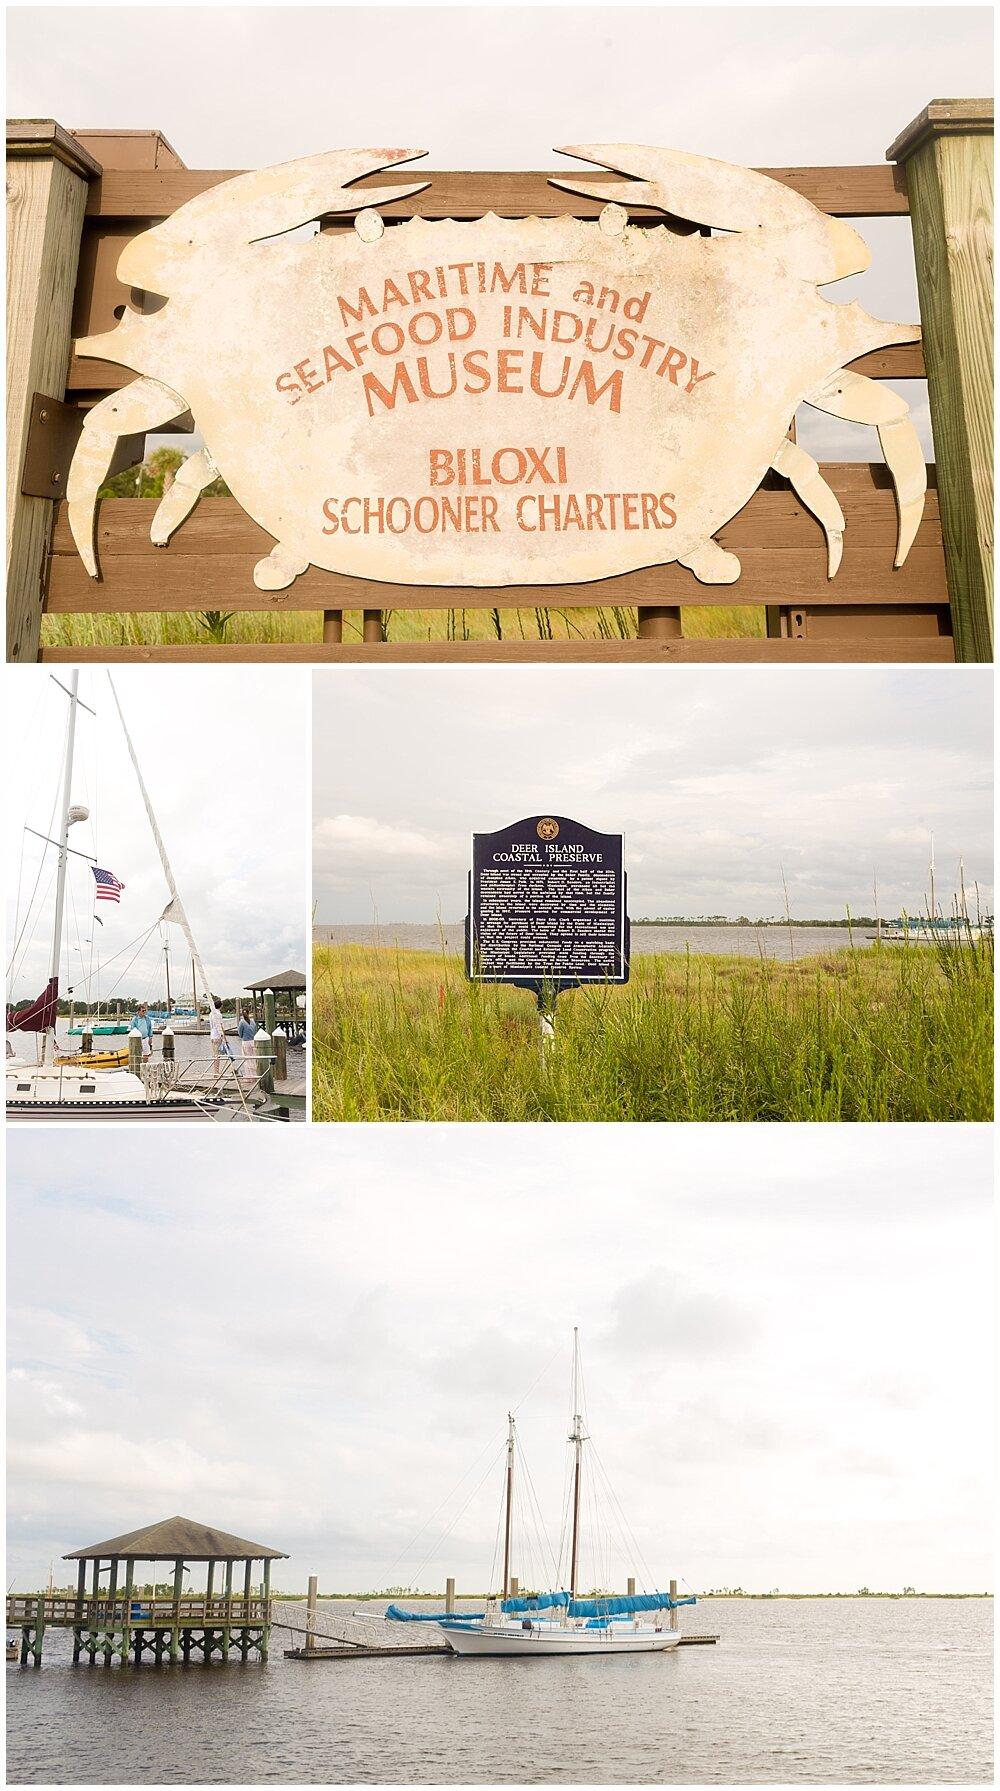 Biloxi Schooner cruises